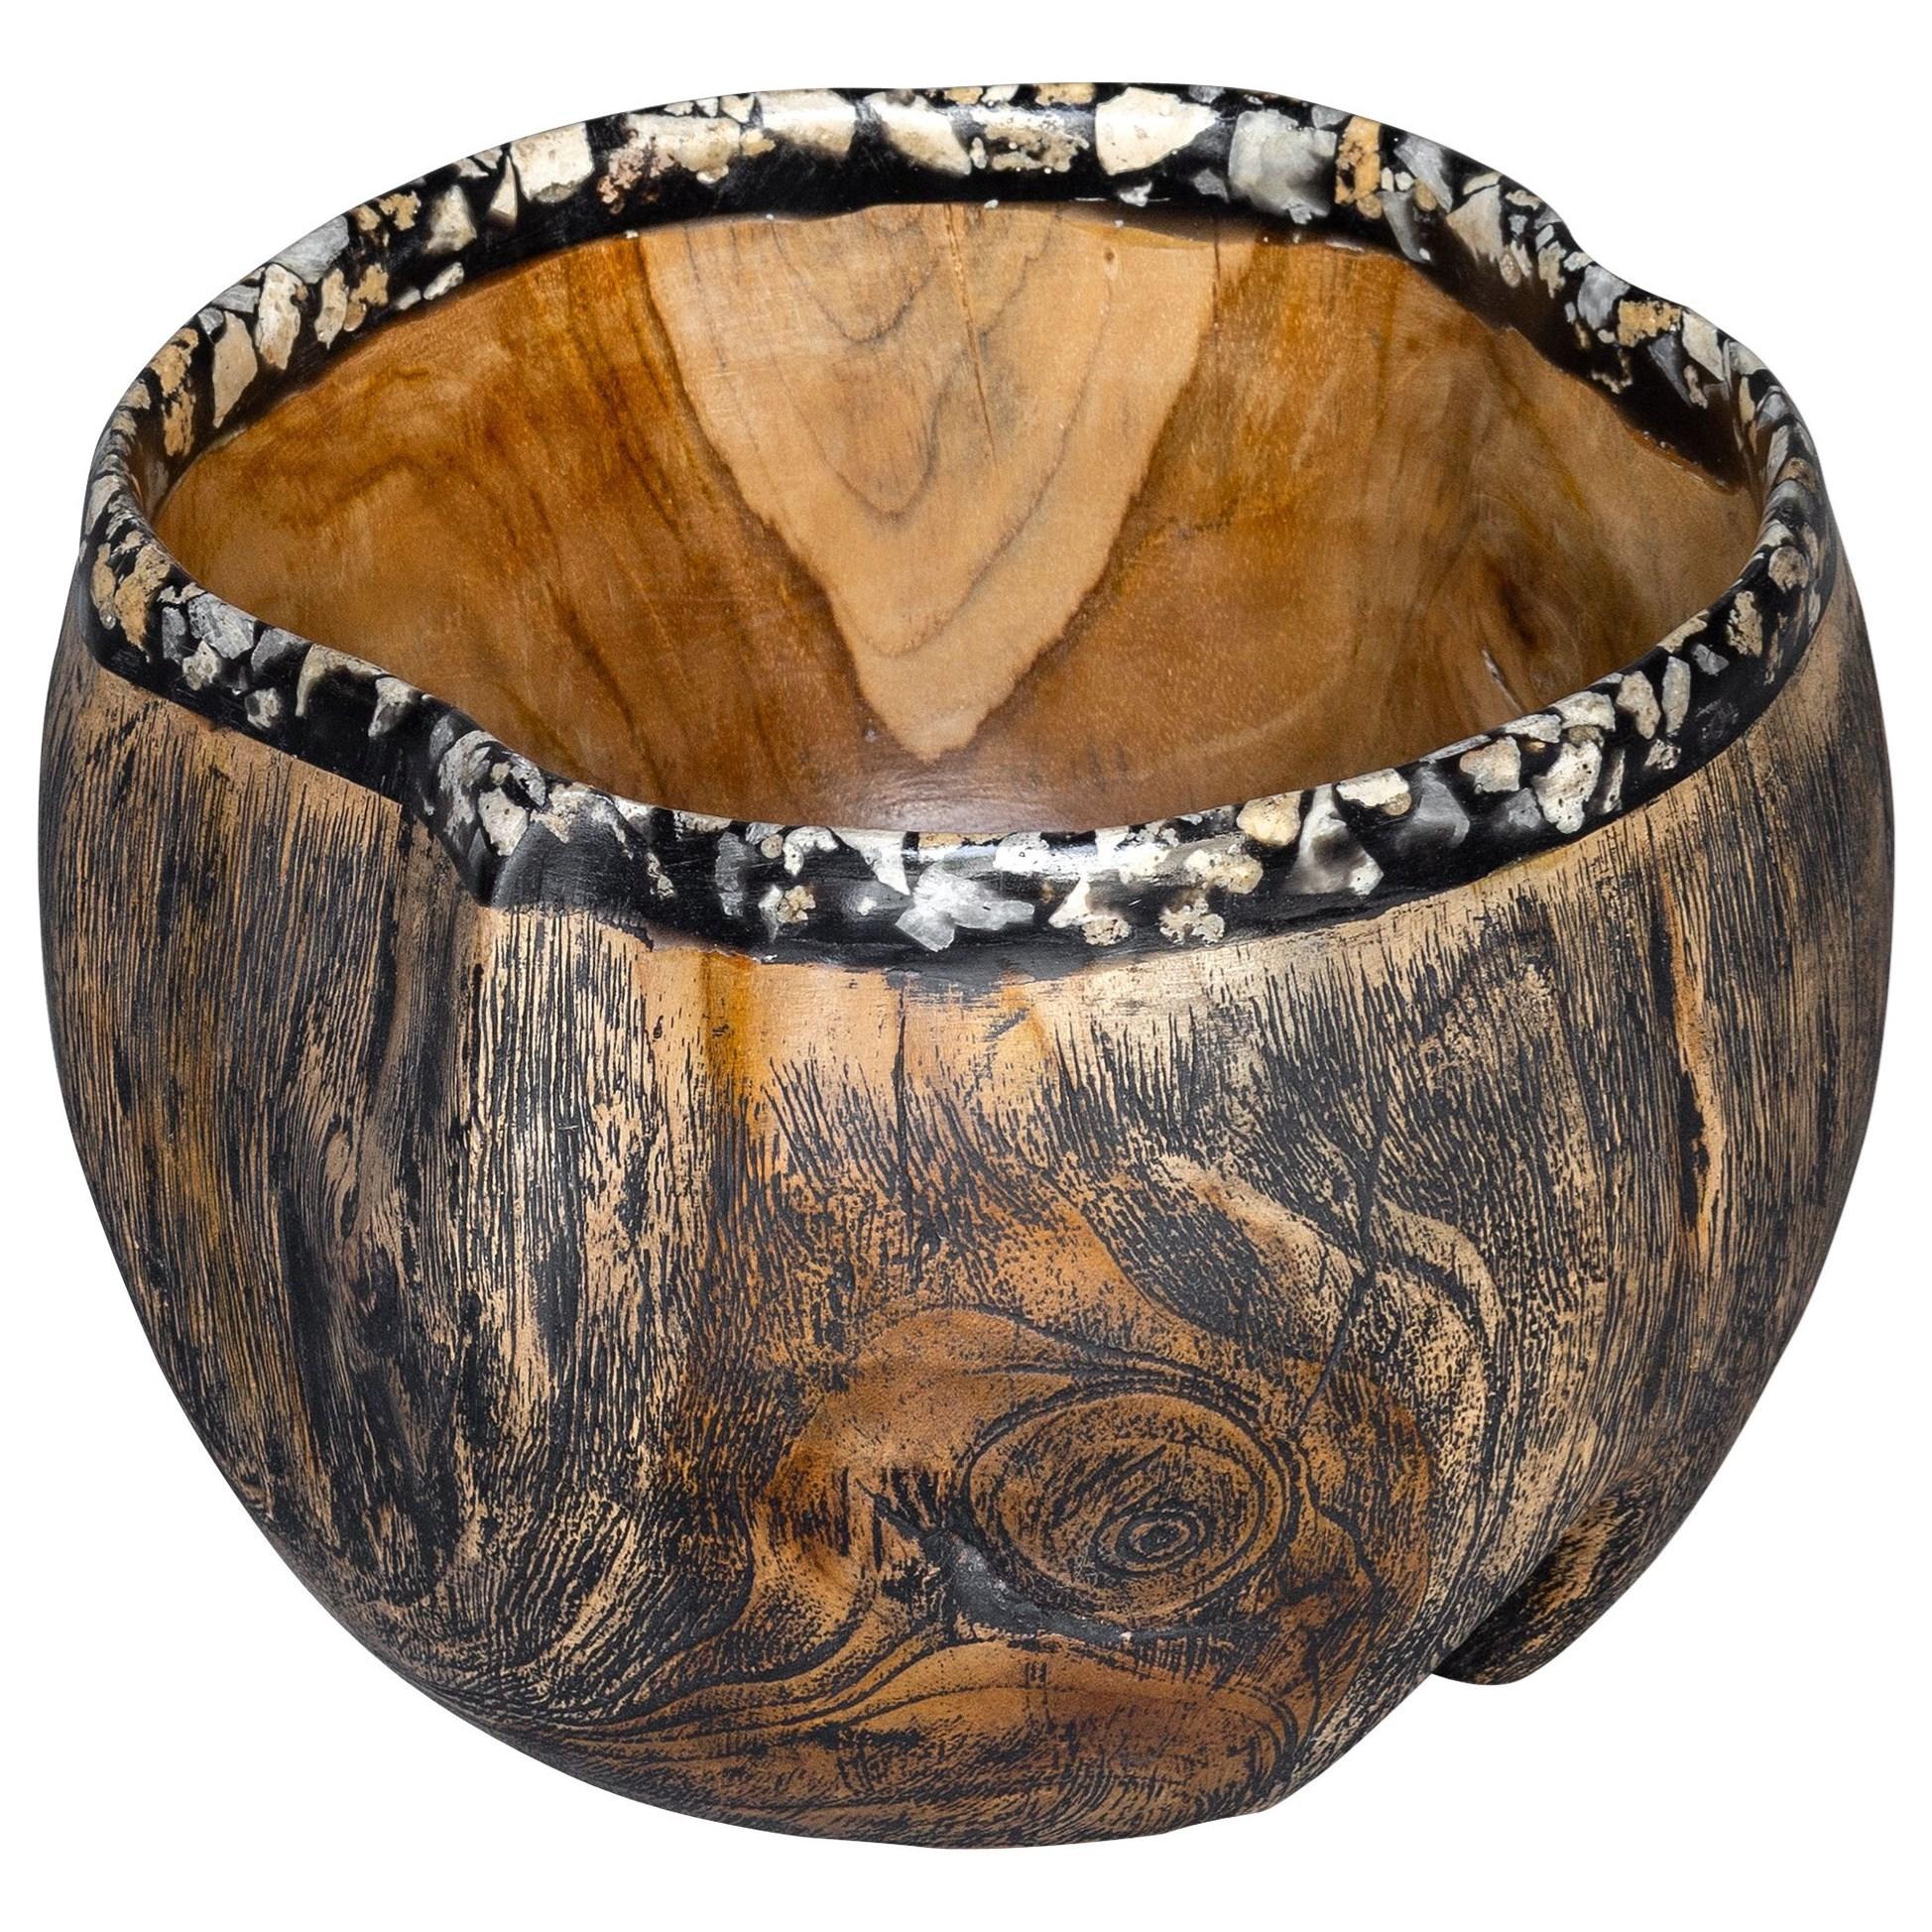 Chikasha Wooden Bowl